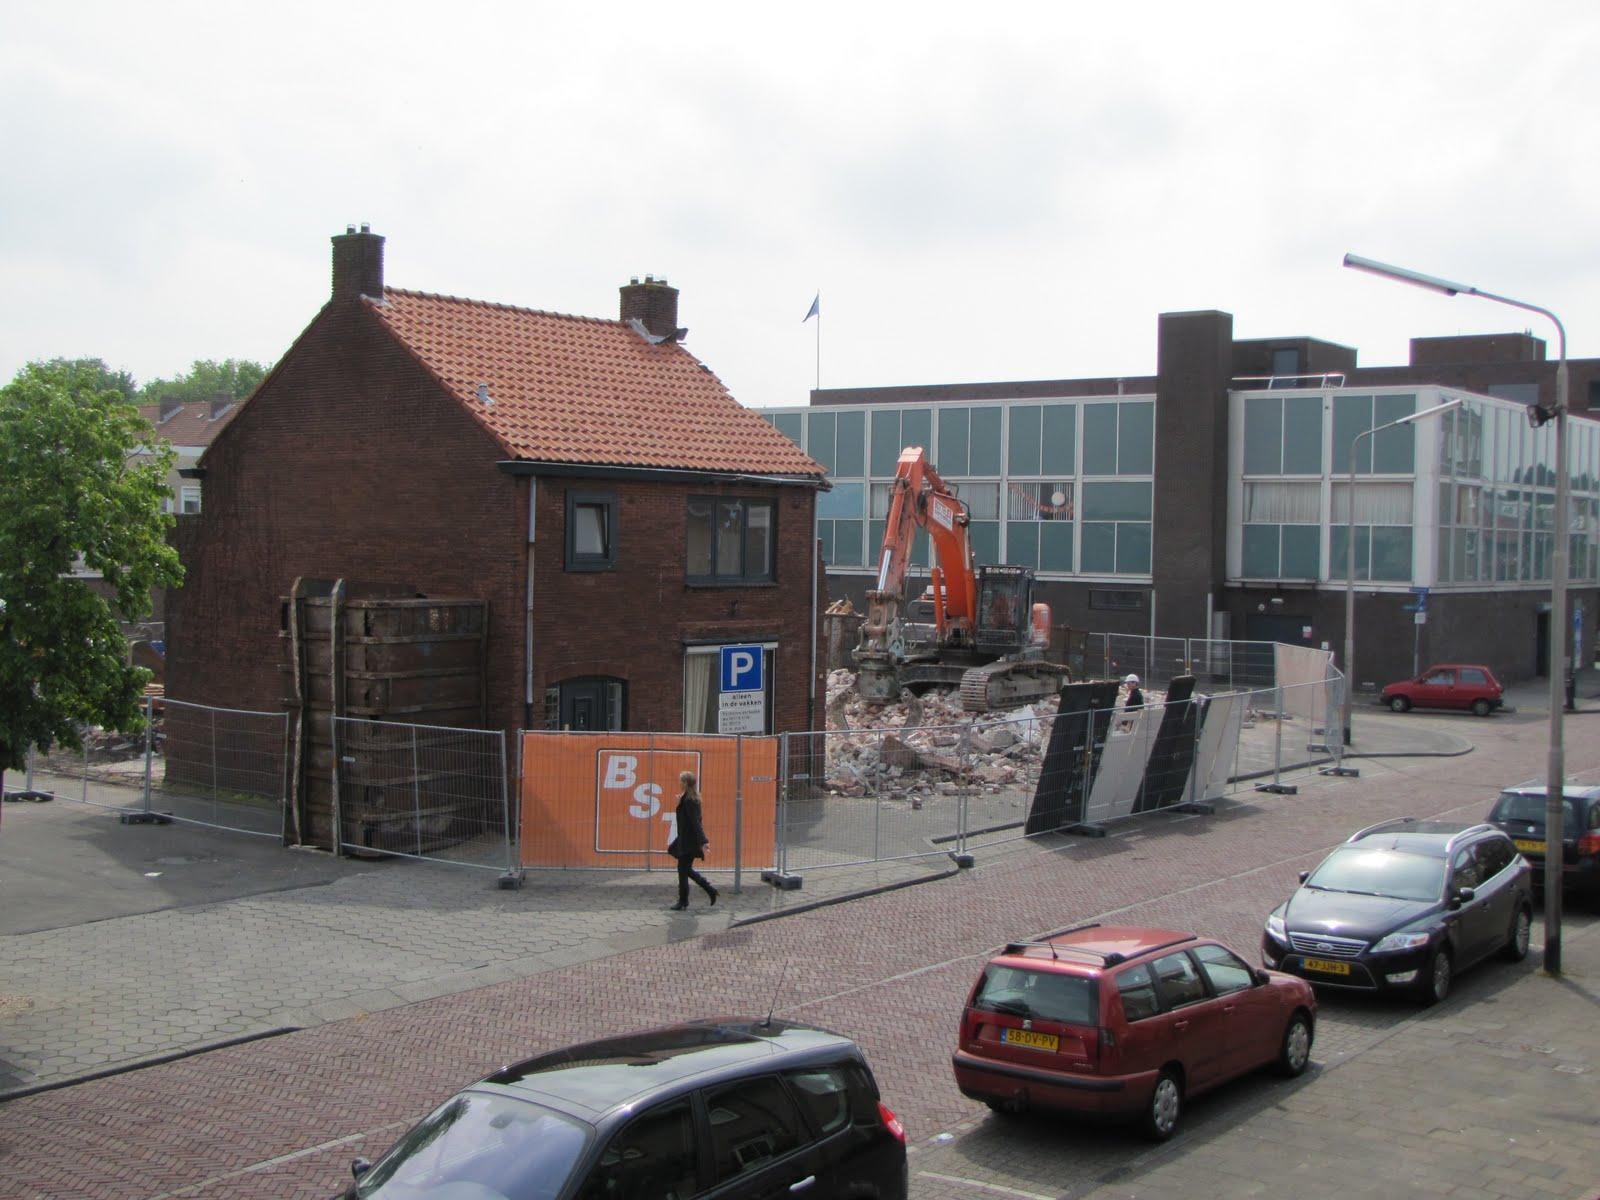 Fokke 39 s blog 30 mei 2010 - Idee huis uitbreiding ...